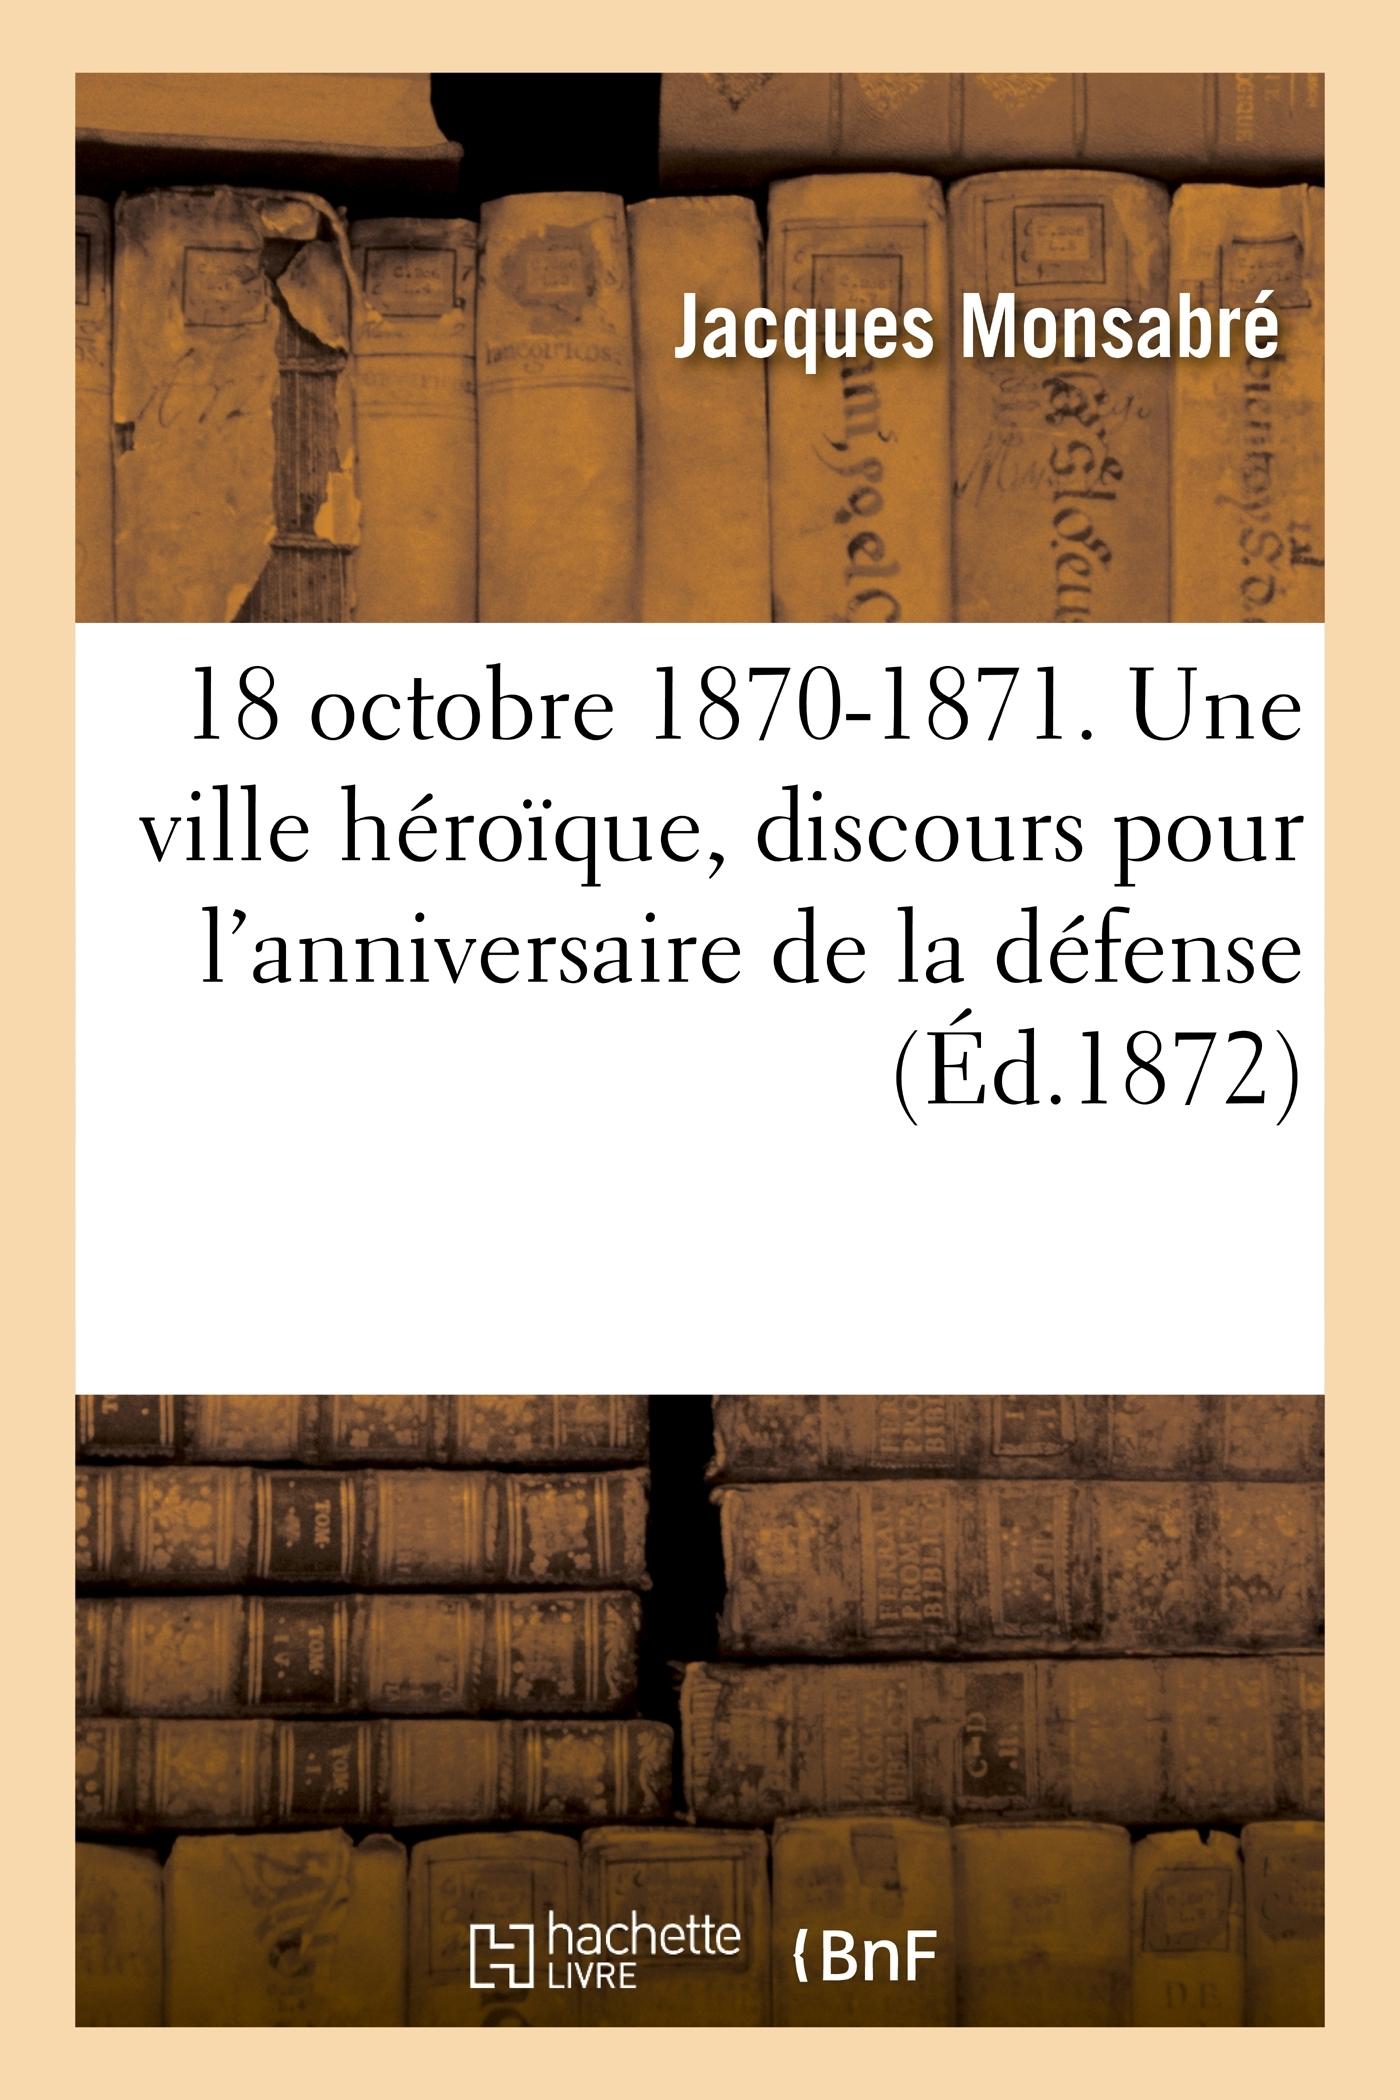 18 OCTOBRE 1870-1871. UNE VILLE HEROIQUE, DISCOURS POUR L'ANNIVERSAIRE DE LA DEFENSE DE CHATEAUDUN